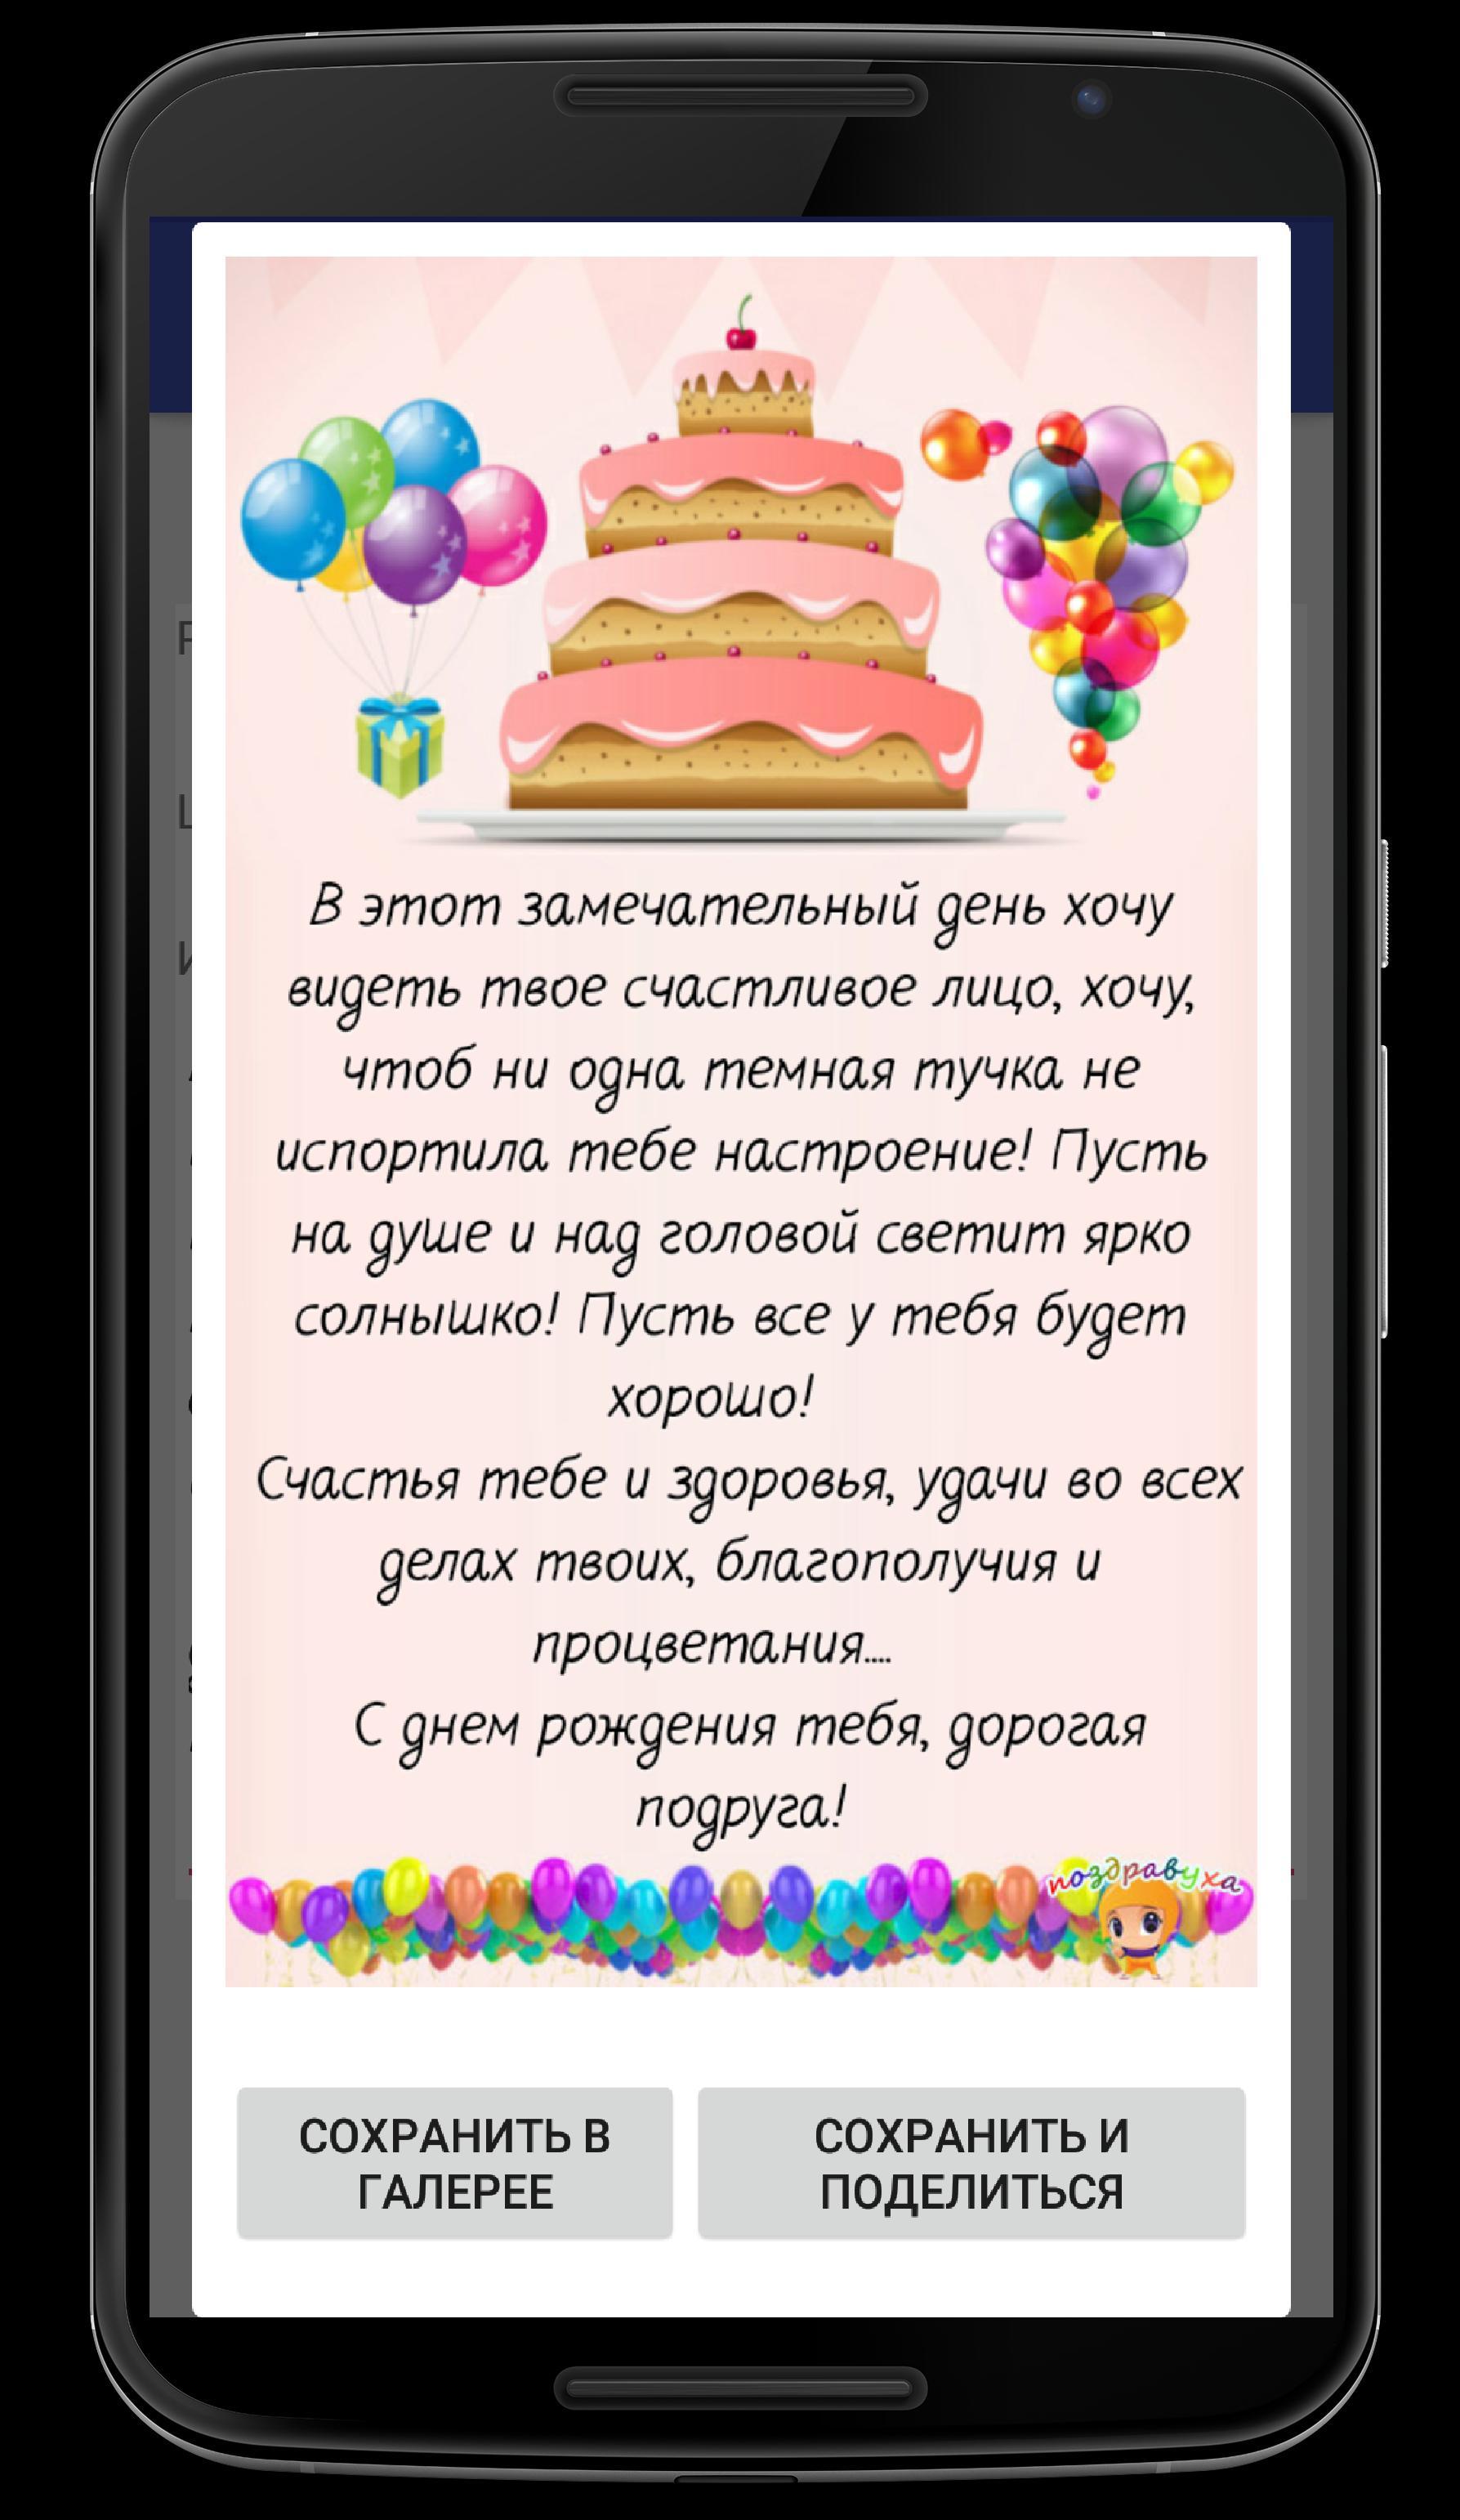 Поздравления с днем рождения смс украина